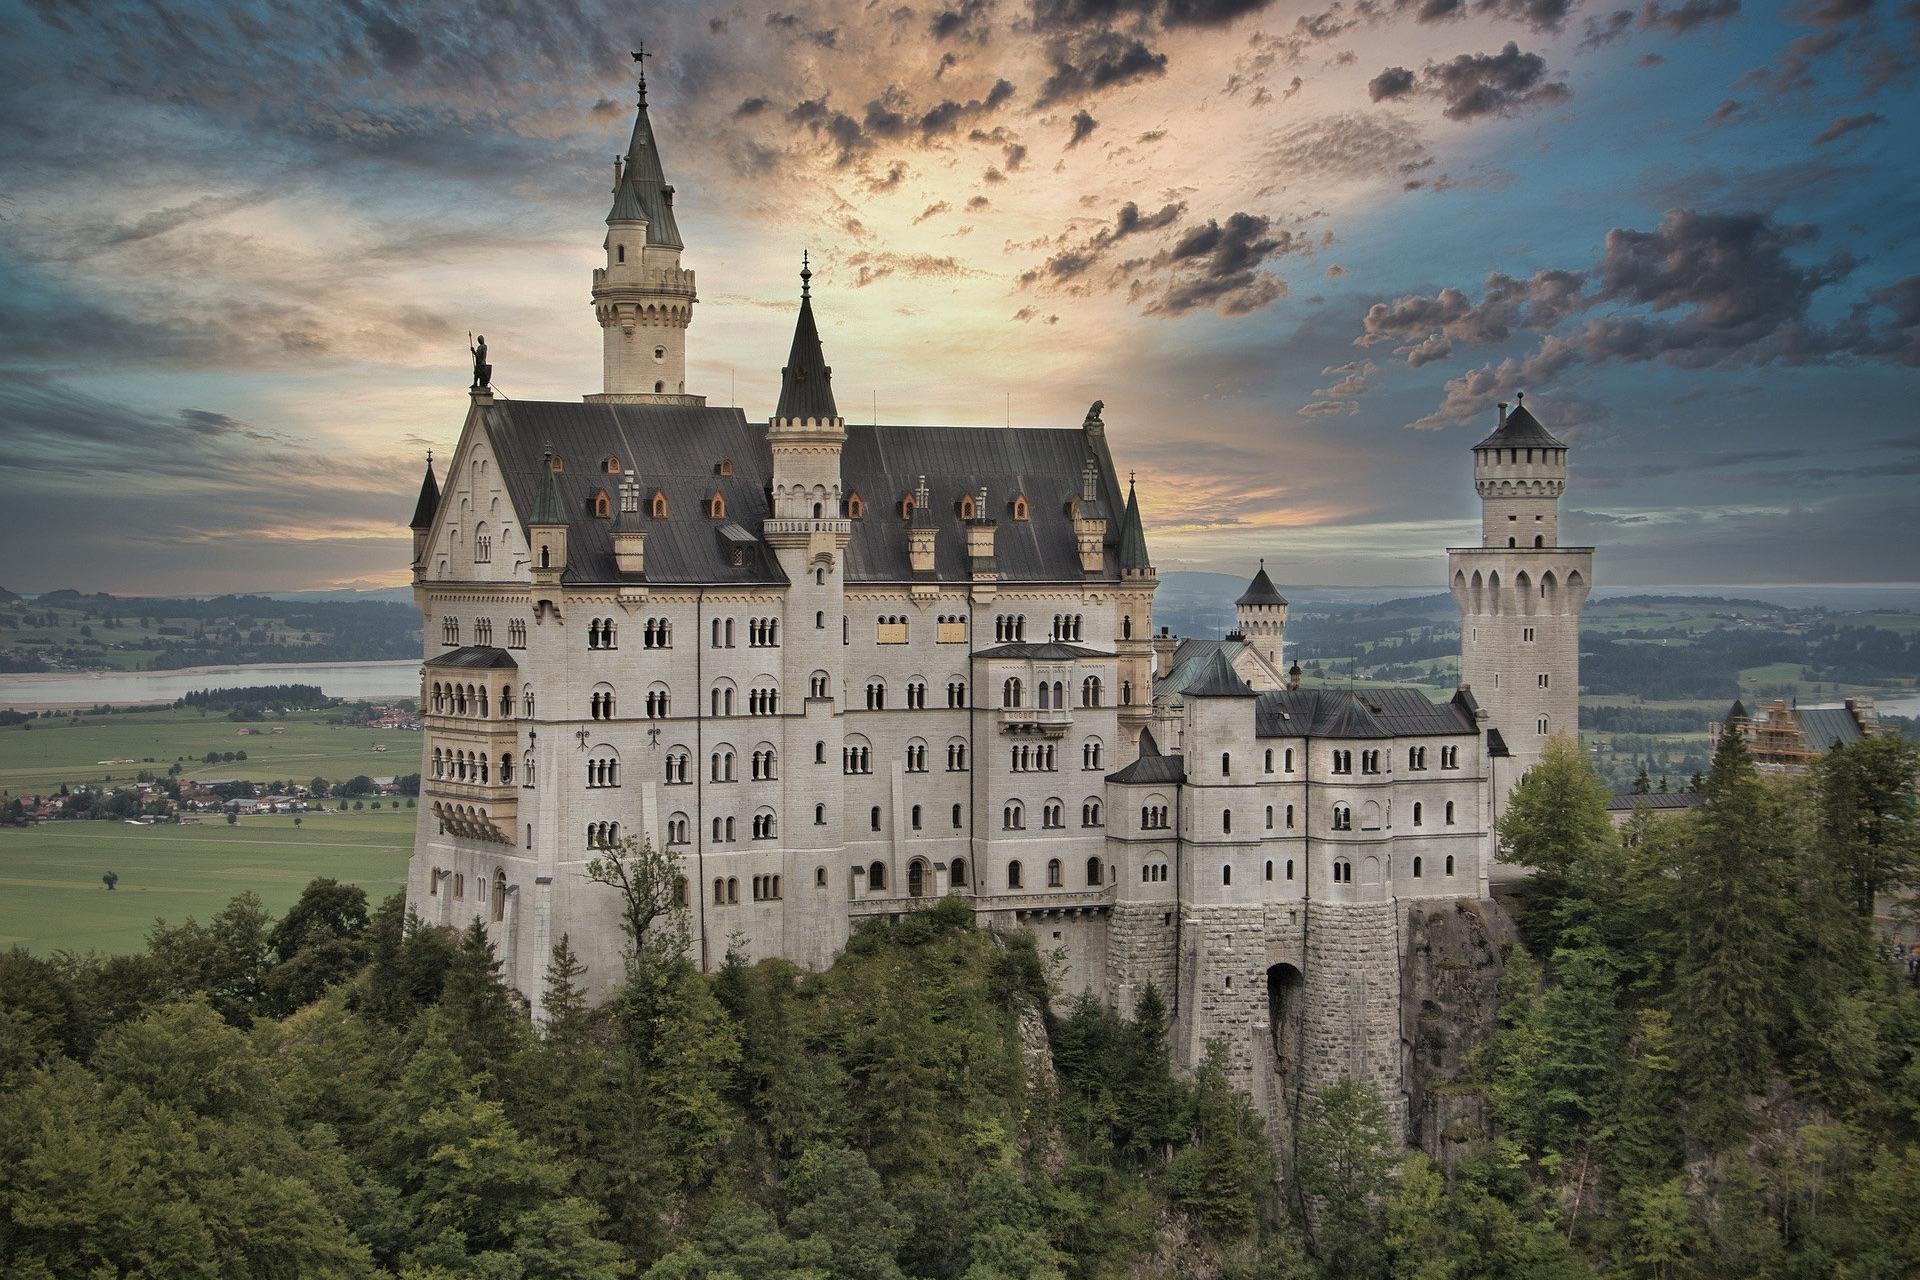 Das Schloss Neuschwanstein ist eine der bekanntesten Attraktionen in Deutschland